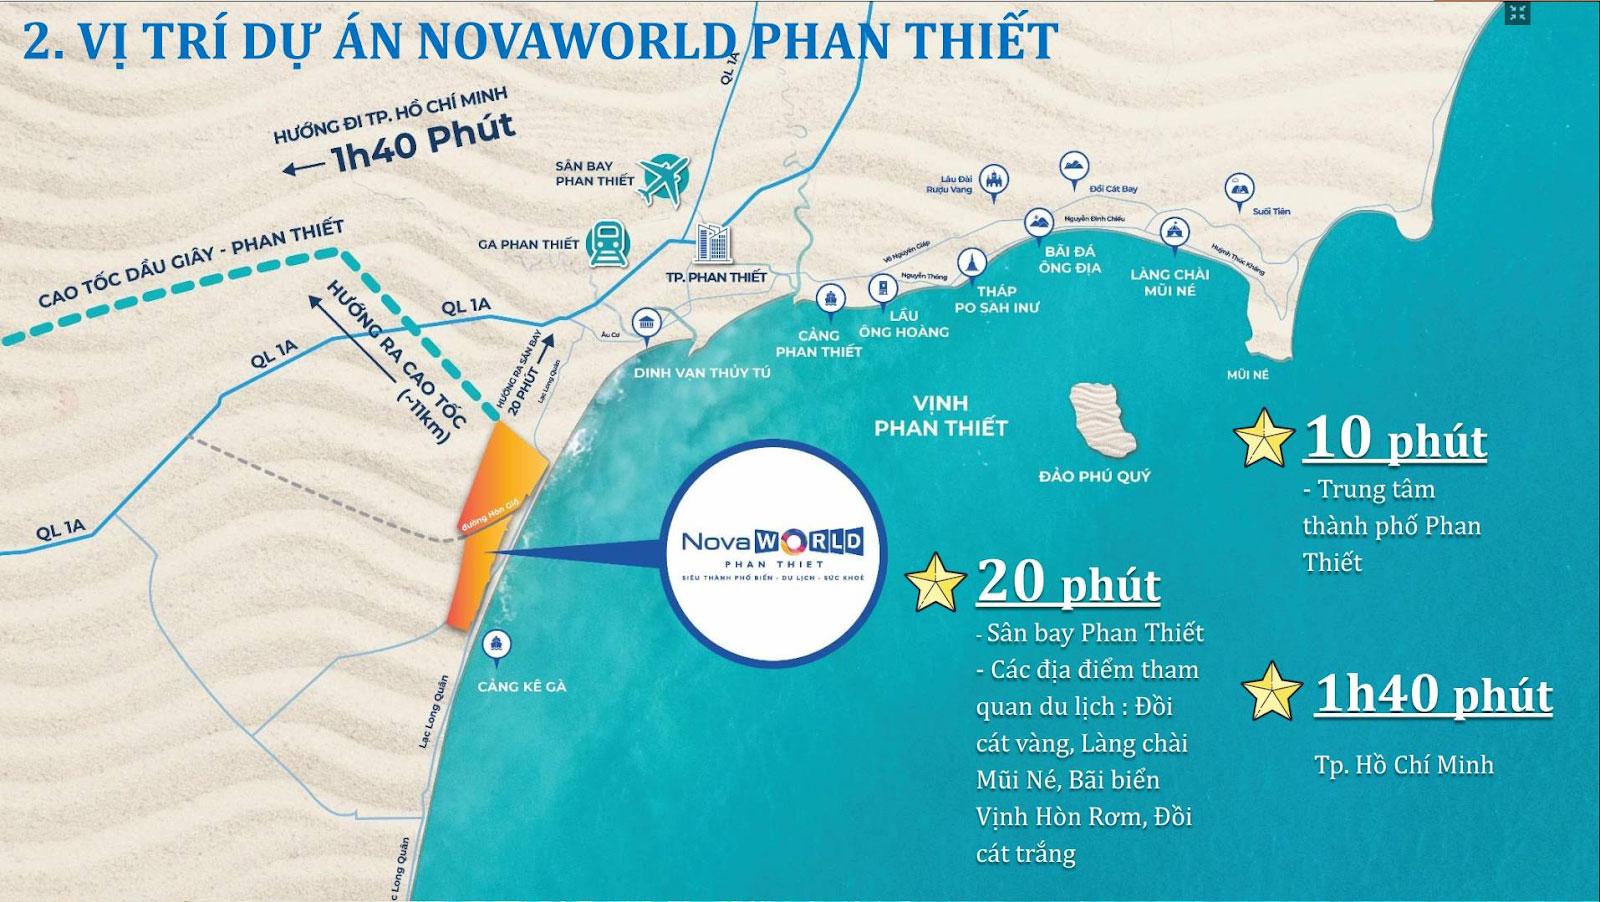 Vị trí dự án NovaWorld Phan Thiết ở đâu Bình Thuận? 2